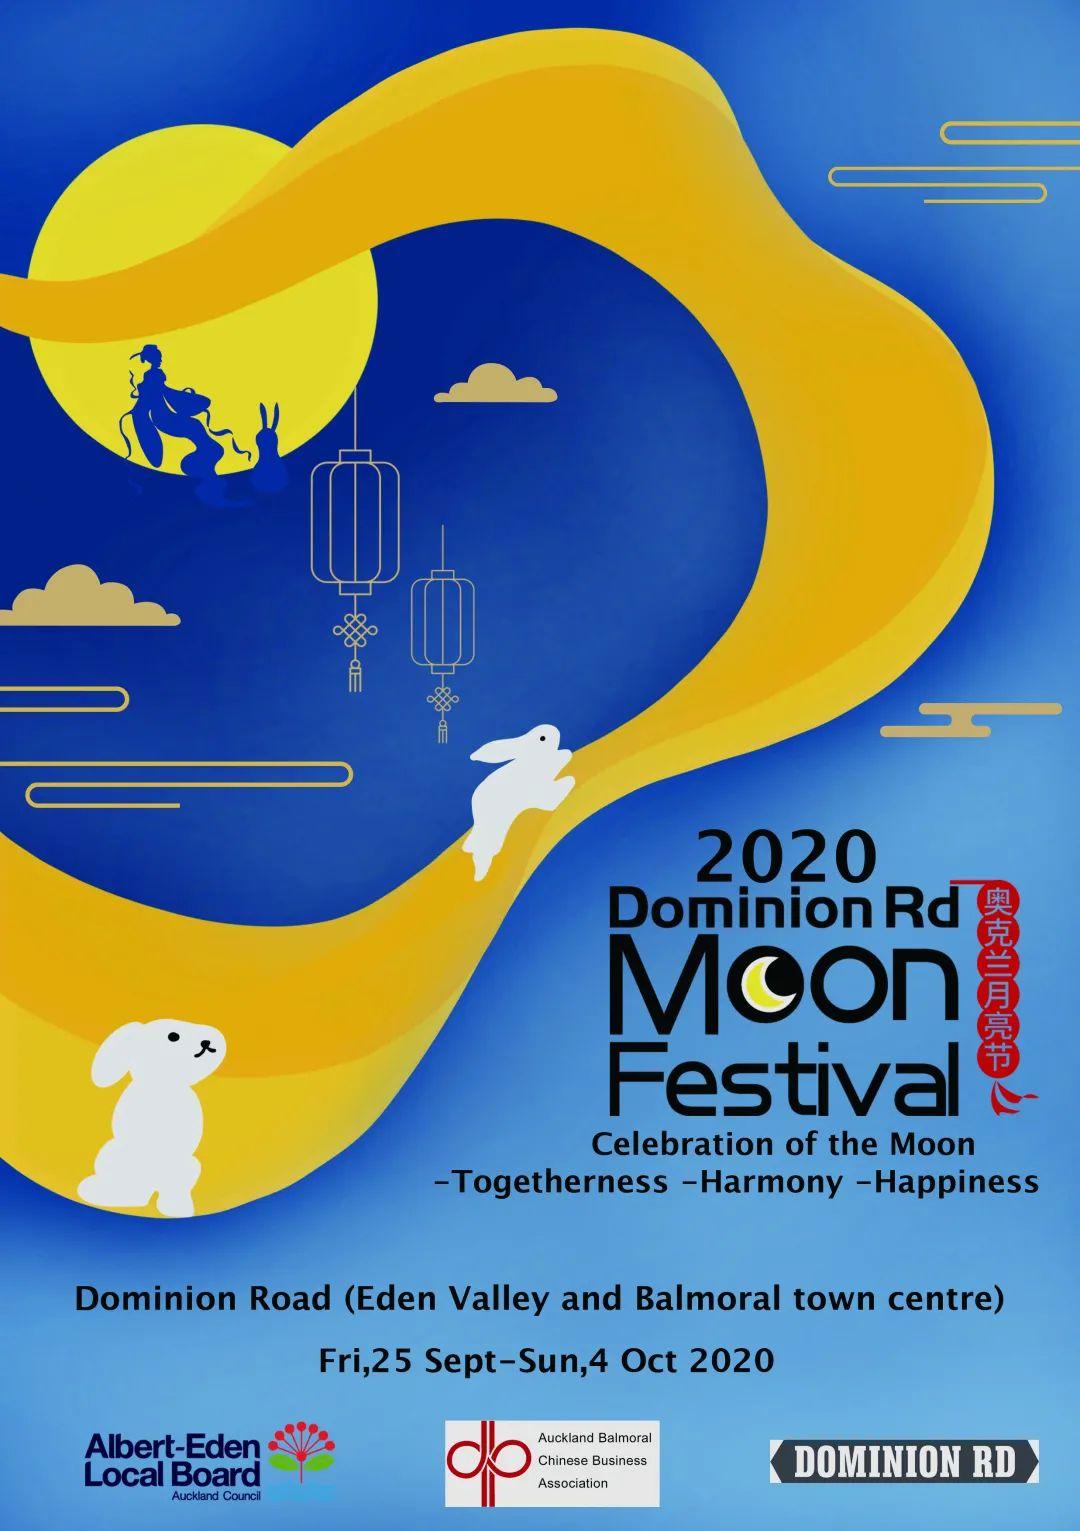 @所有朋友们!百伦移民留学携月亮节一起送上双节福利!